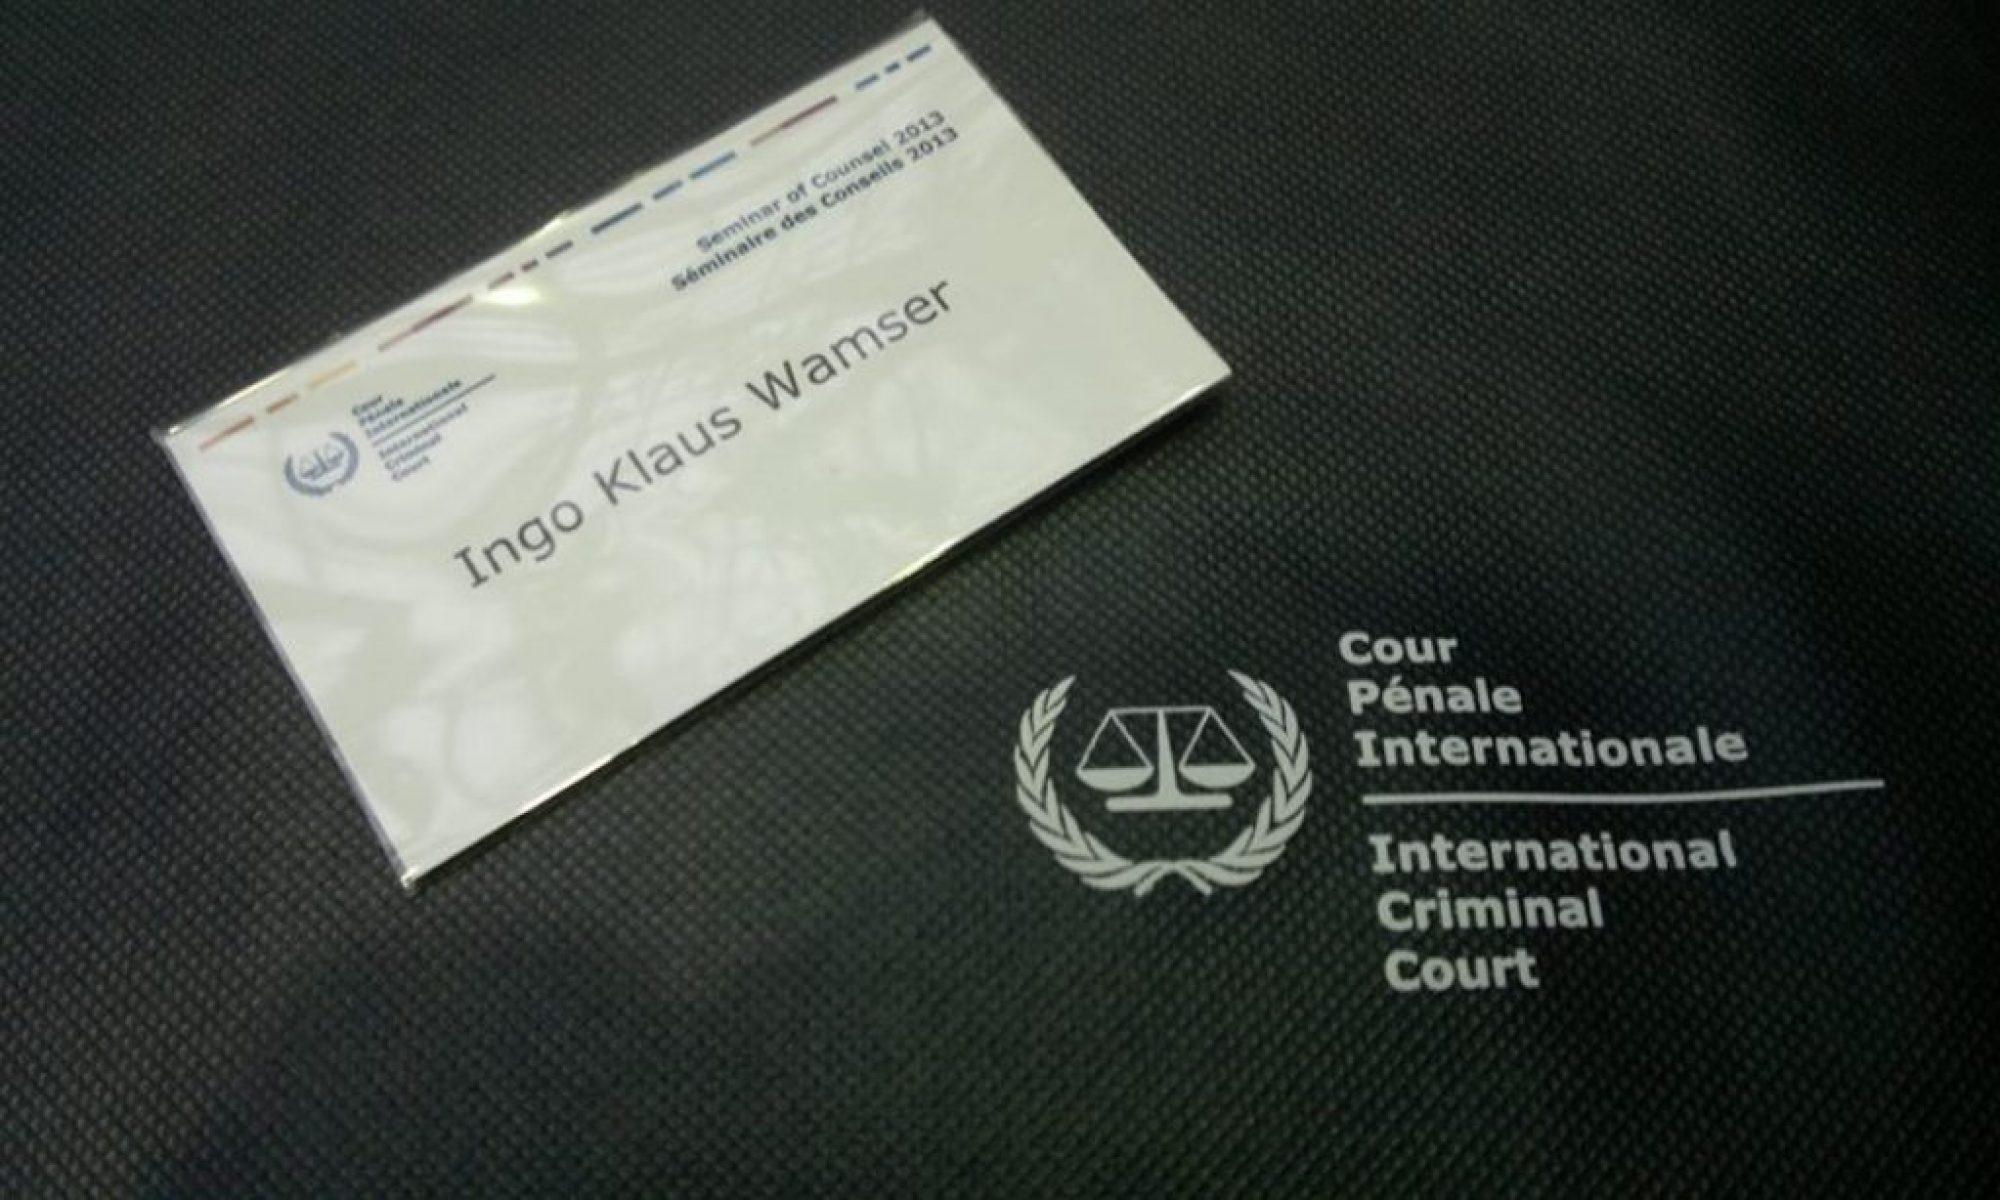 Ingo Klaus Wamser Rechtsanwalt